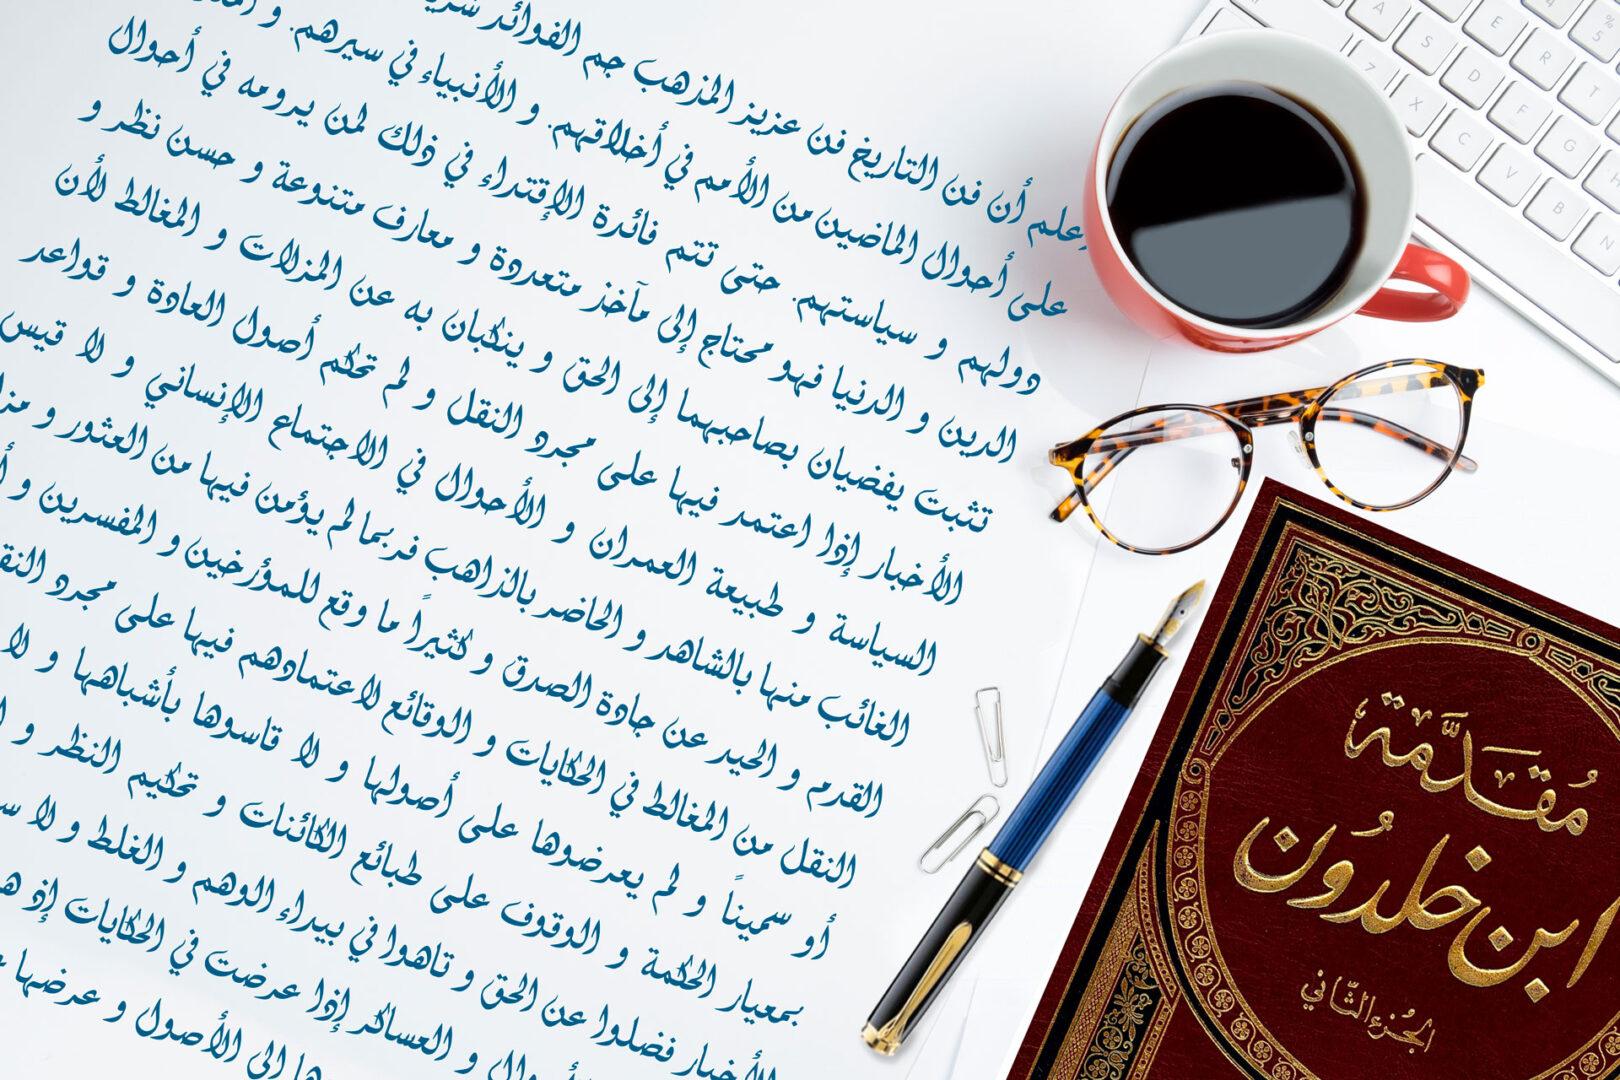 thewaheedsamyaward.org-3852126143598434